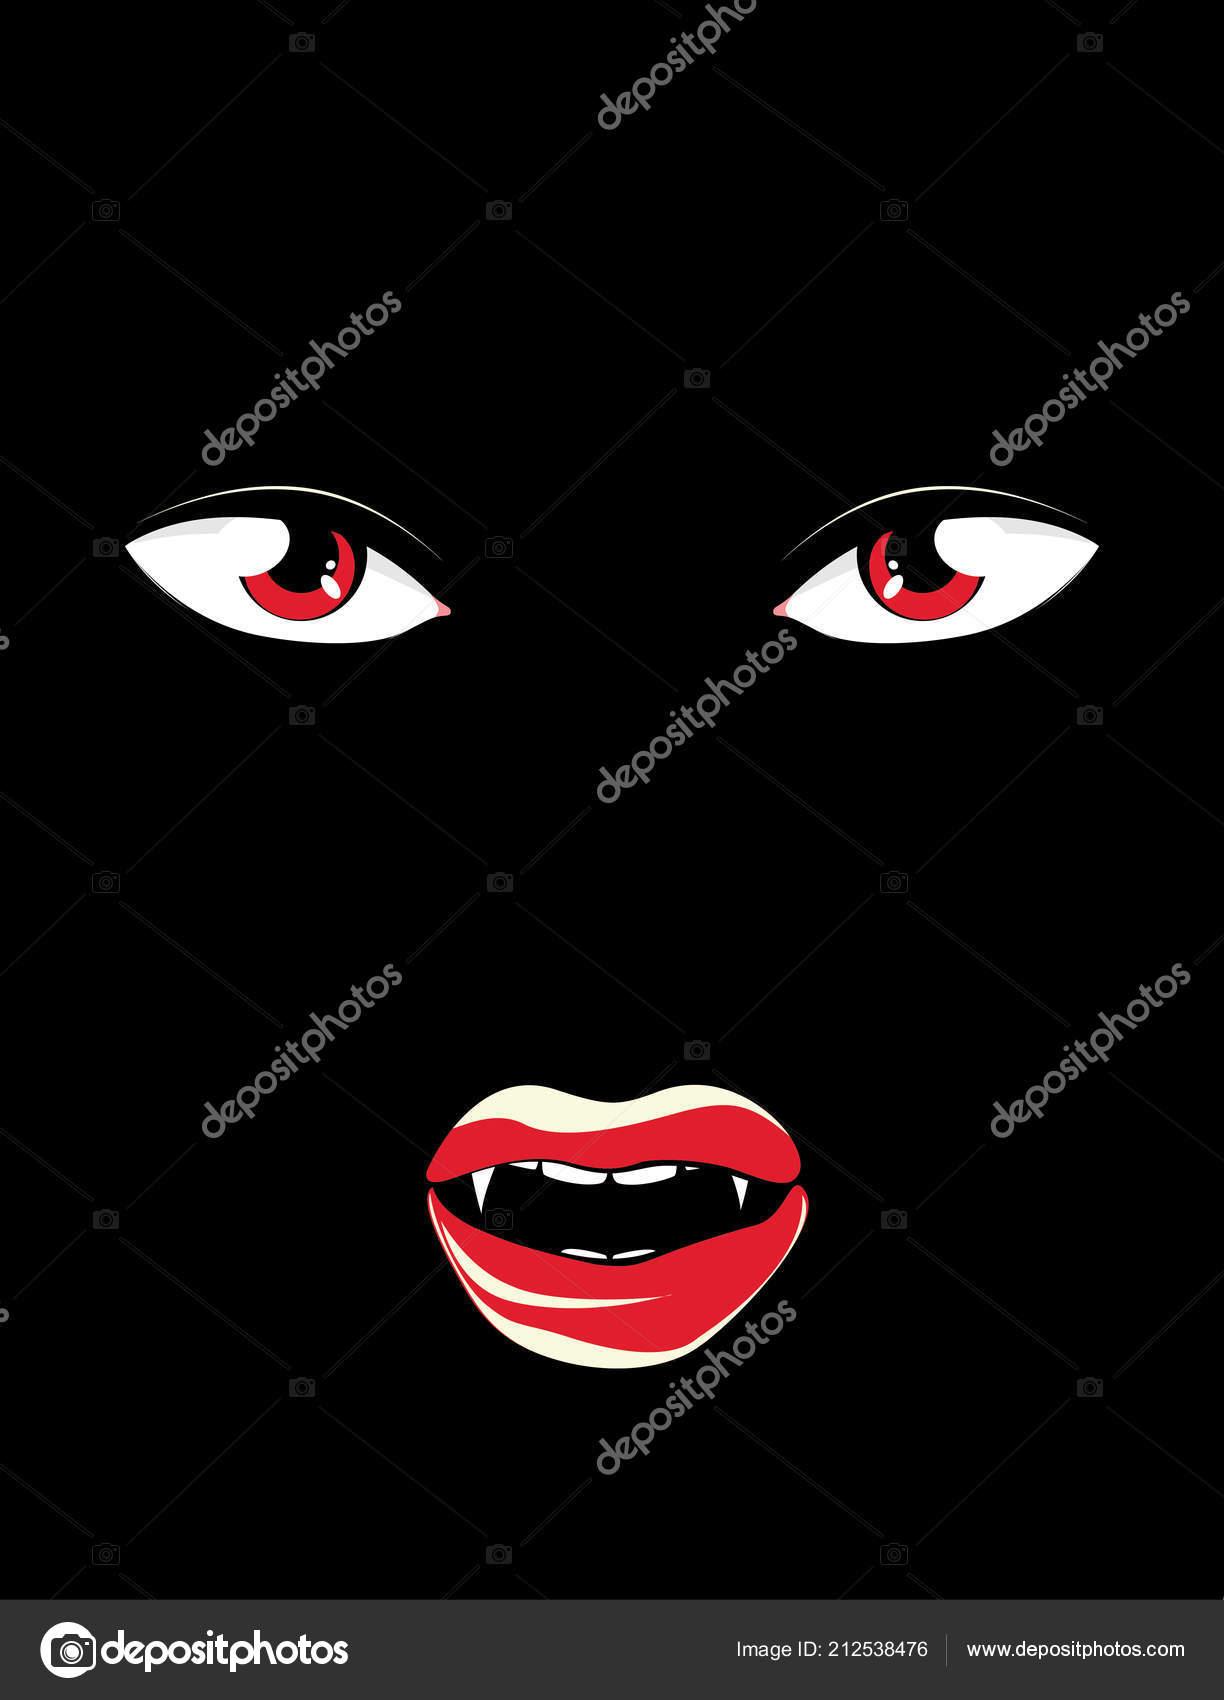 Gruselige Vampir Gesicht Mit Roten Augen Der Dunkelheit Halloween